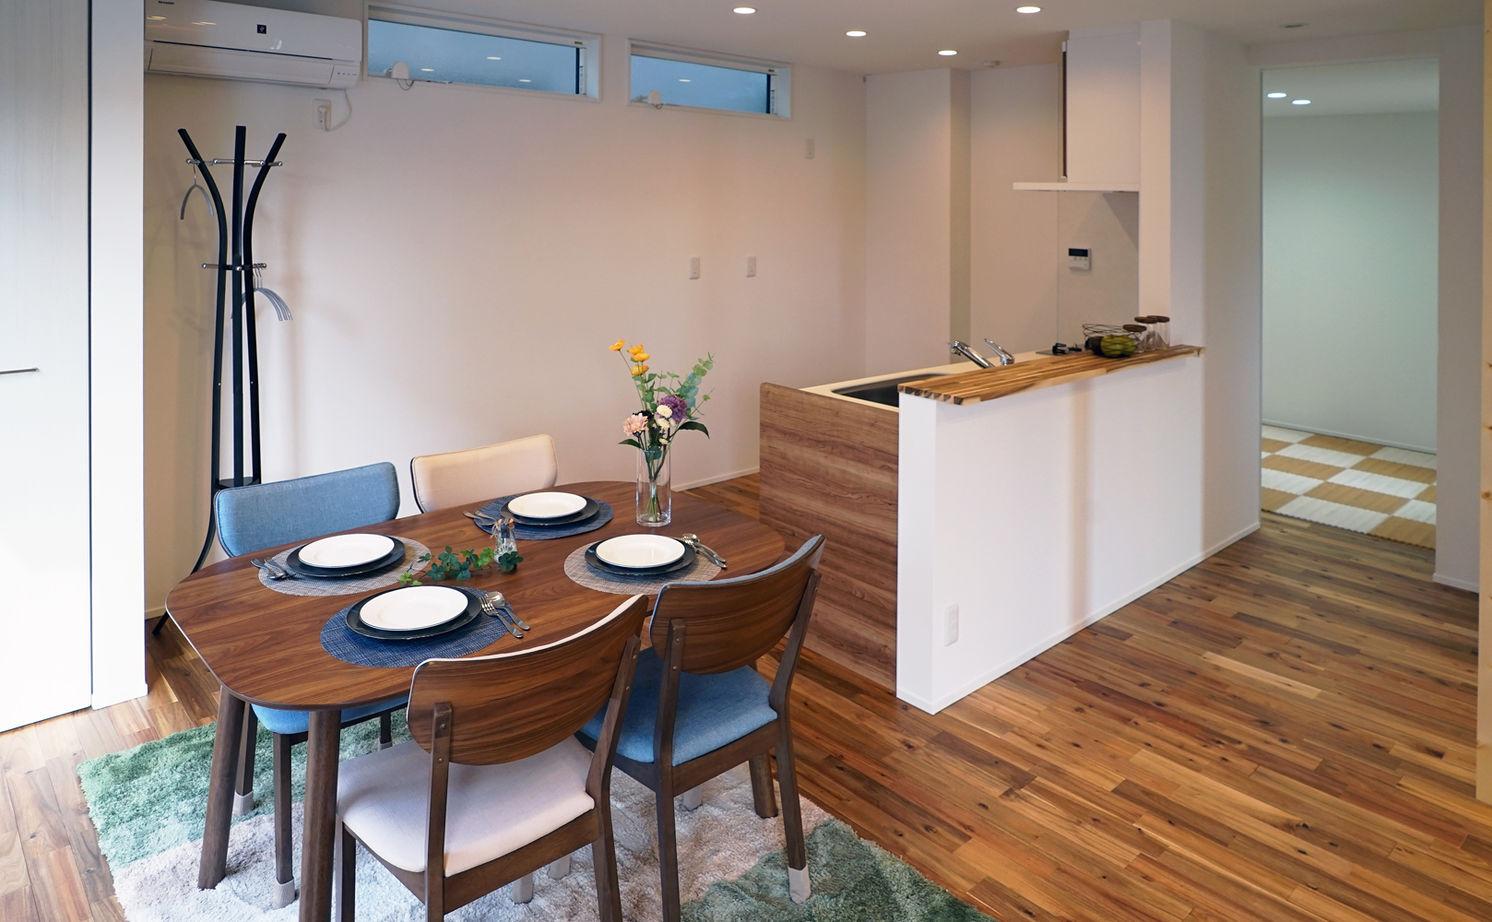 1000万円台で叶えた建築家デザイン。変形地を活かし、どの角度から見ても絵になる家画像3